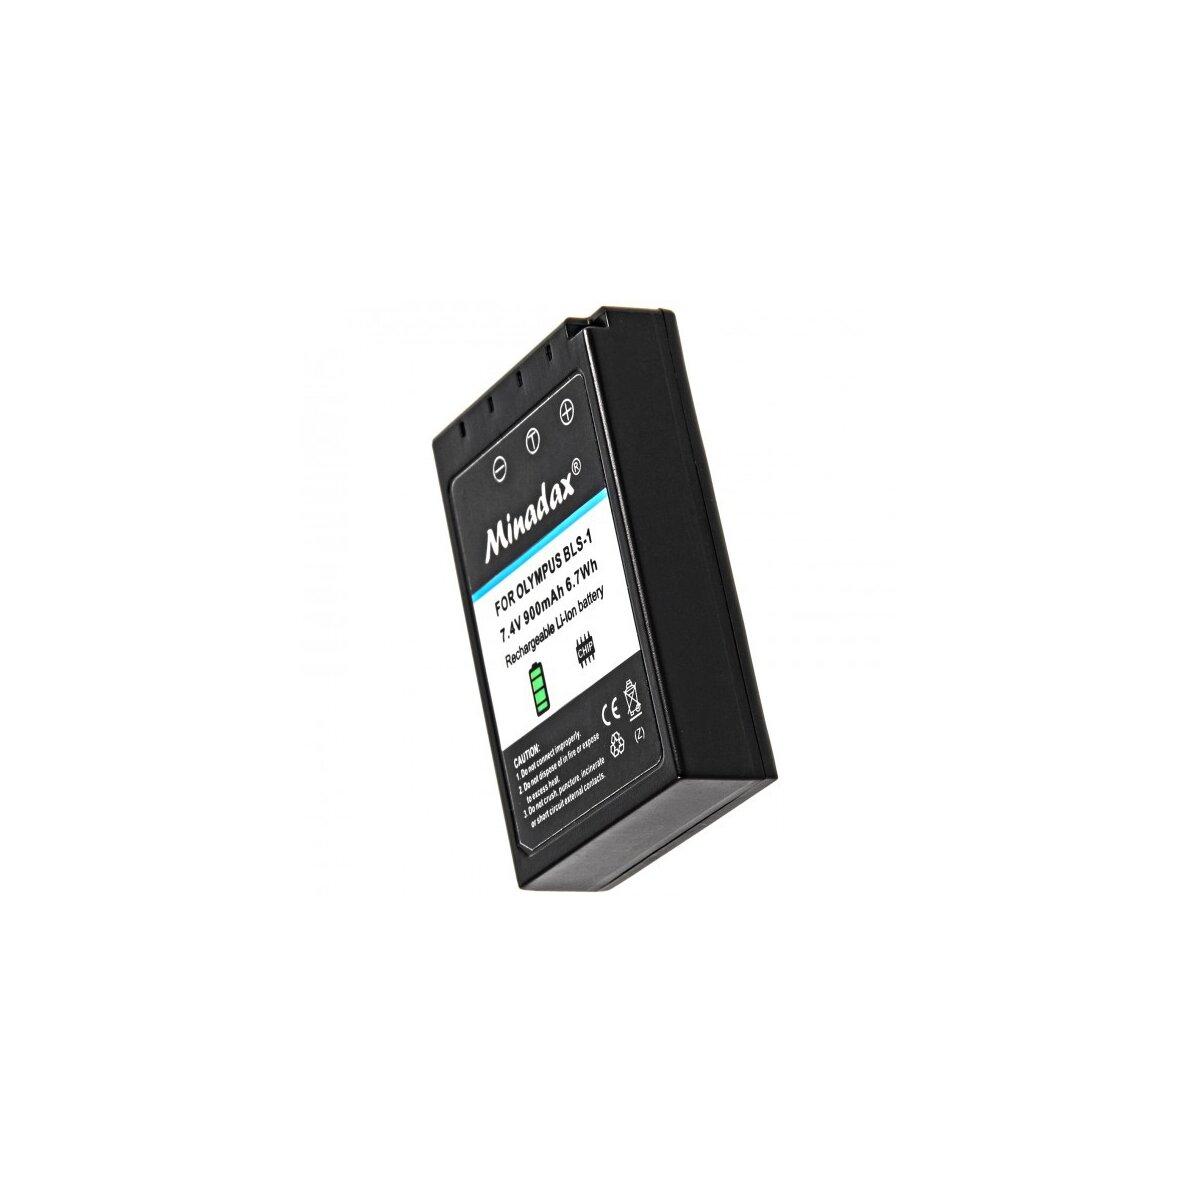 Minadax® Qualitaetsakku mit echten 900 mAh fuer Olympus E 400, E 410, wie BLS-1 - Intelligentes Akkusystem mit Chip